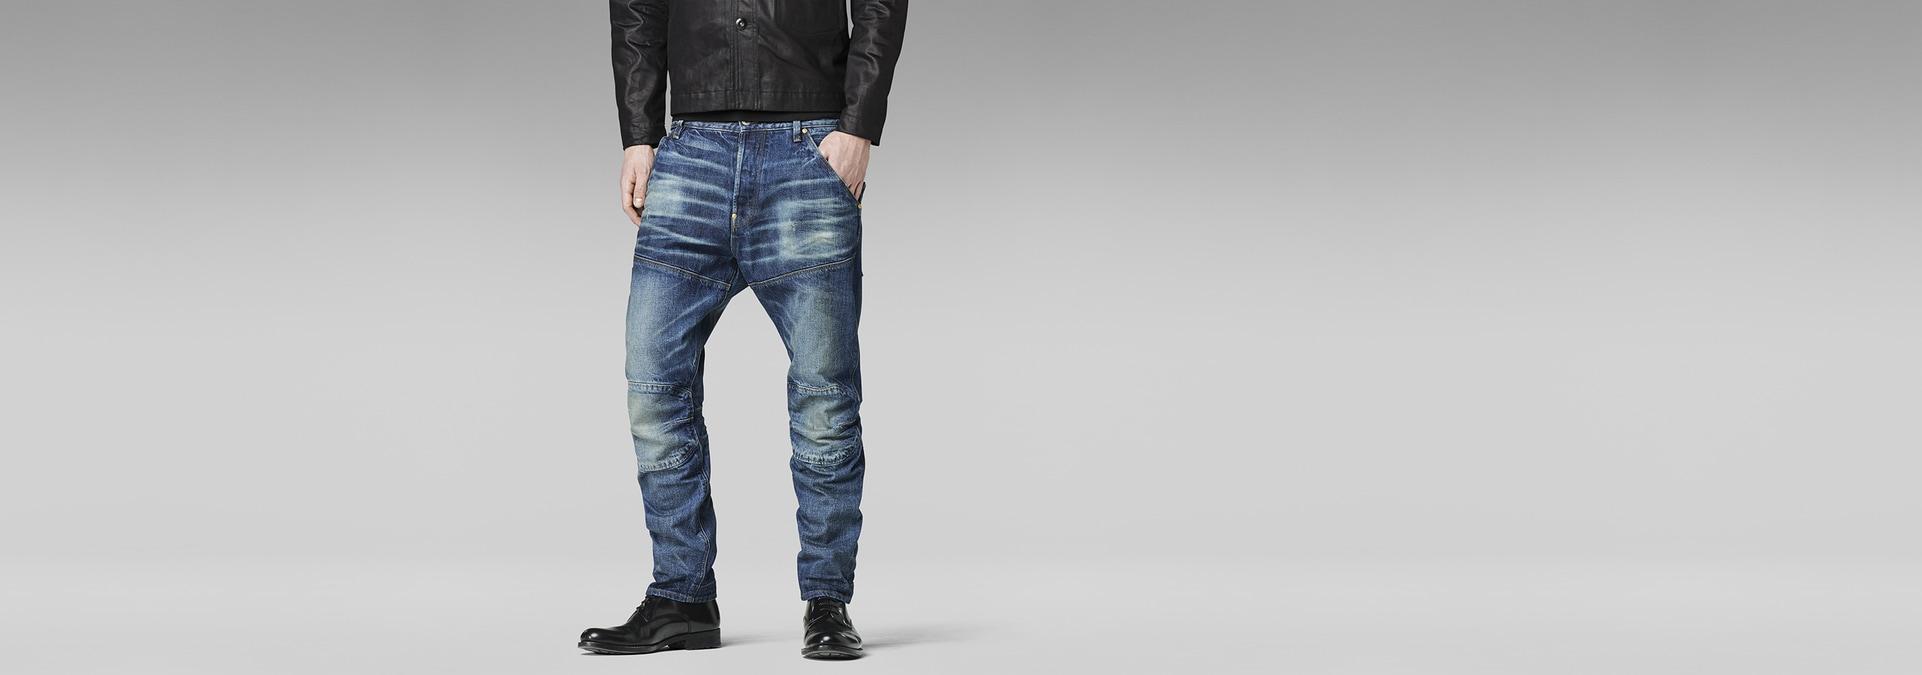 g star raw men jeans re 5620 g star elwood japan 3d loose tapered jeans vintage aged. Black Bedroom Furniture Sets. Home Design Ideas